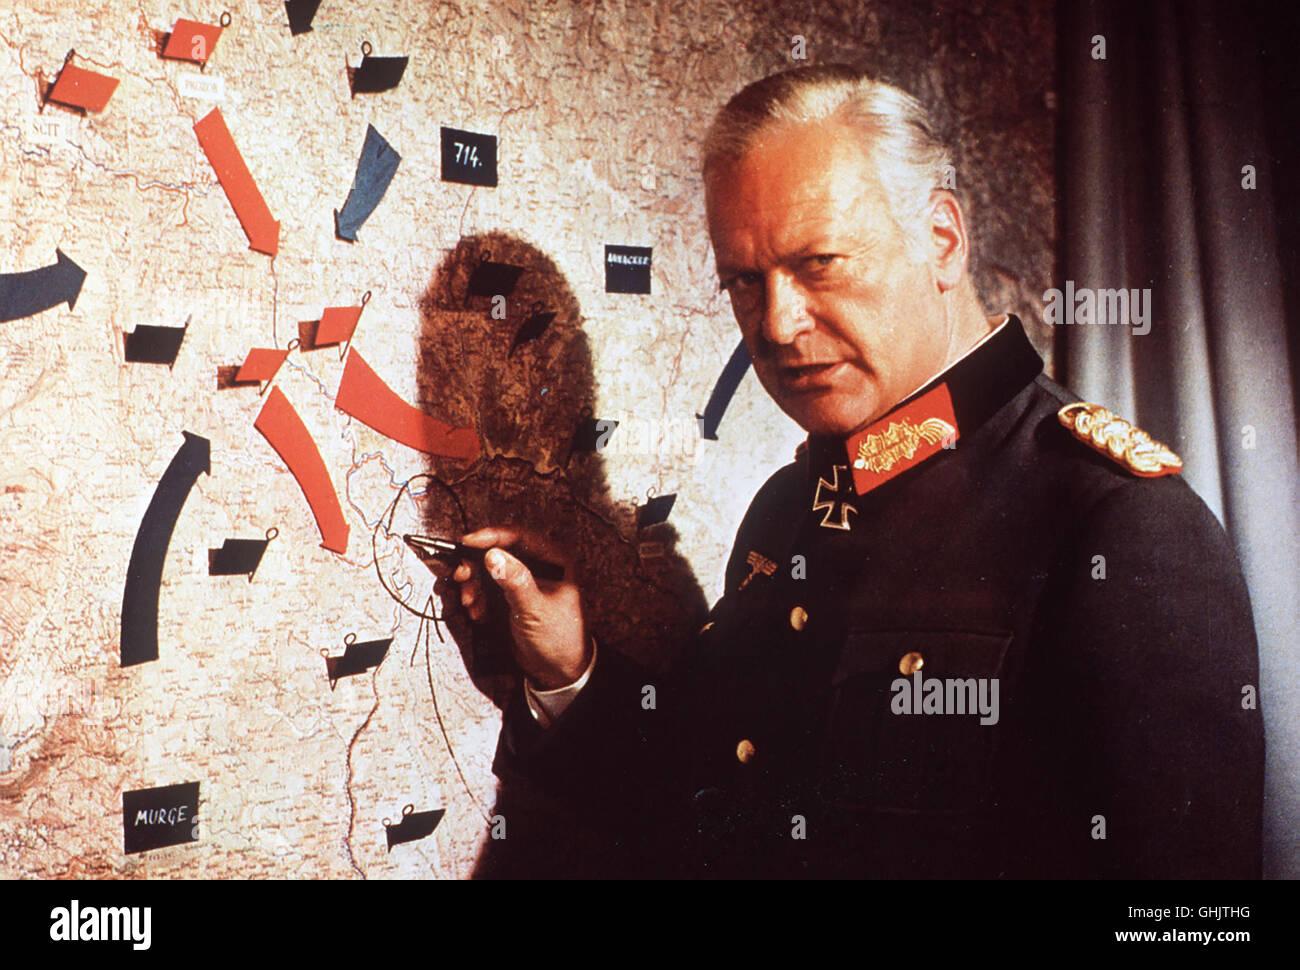 Jugoslawien, 1943: Titos Partisanenarmee ist von deutsch-italienischen Truppen im engen Tal der Neretva eingekesselt. - Stock Image